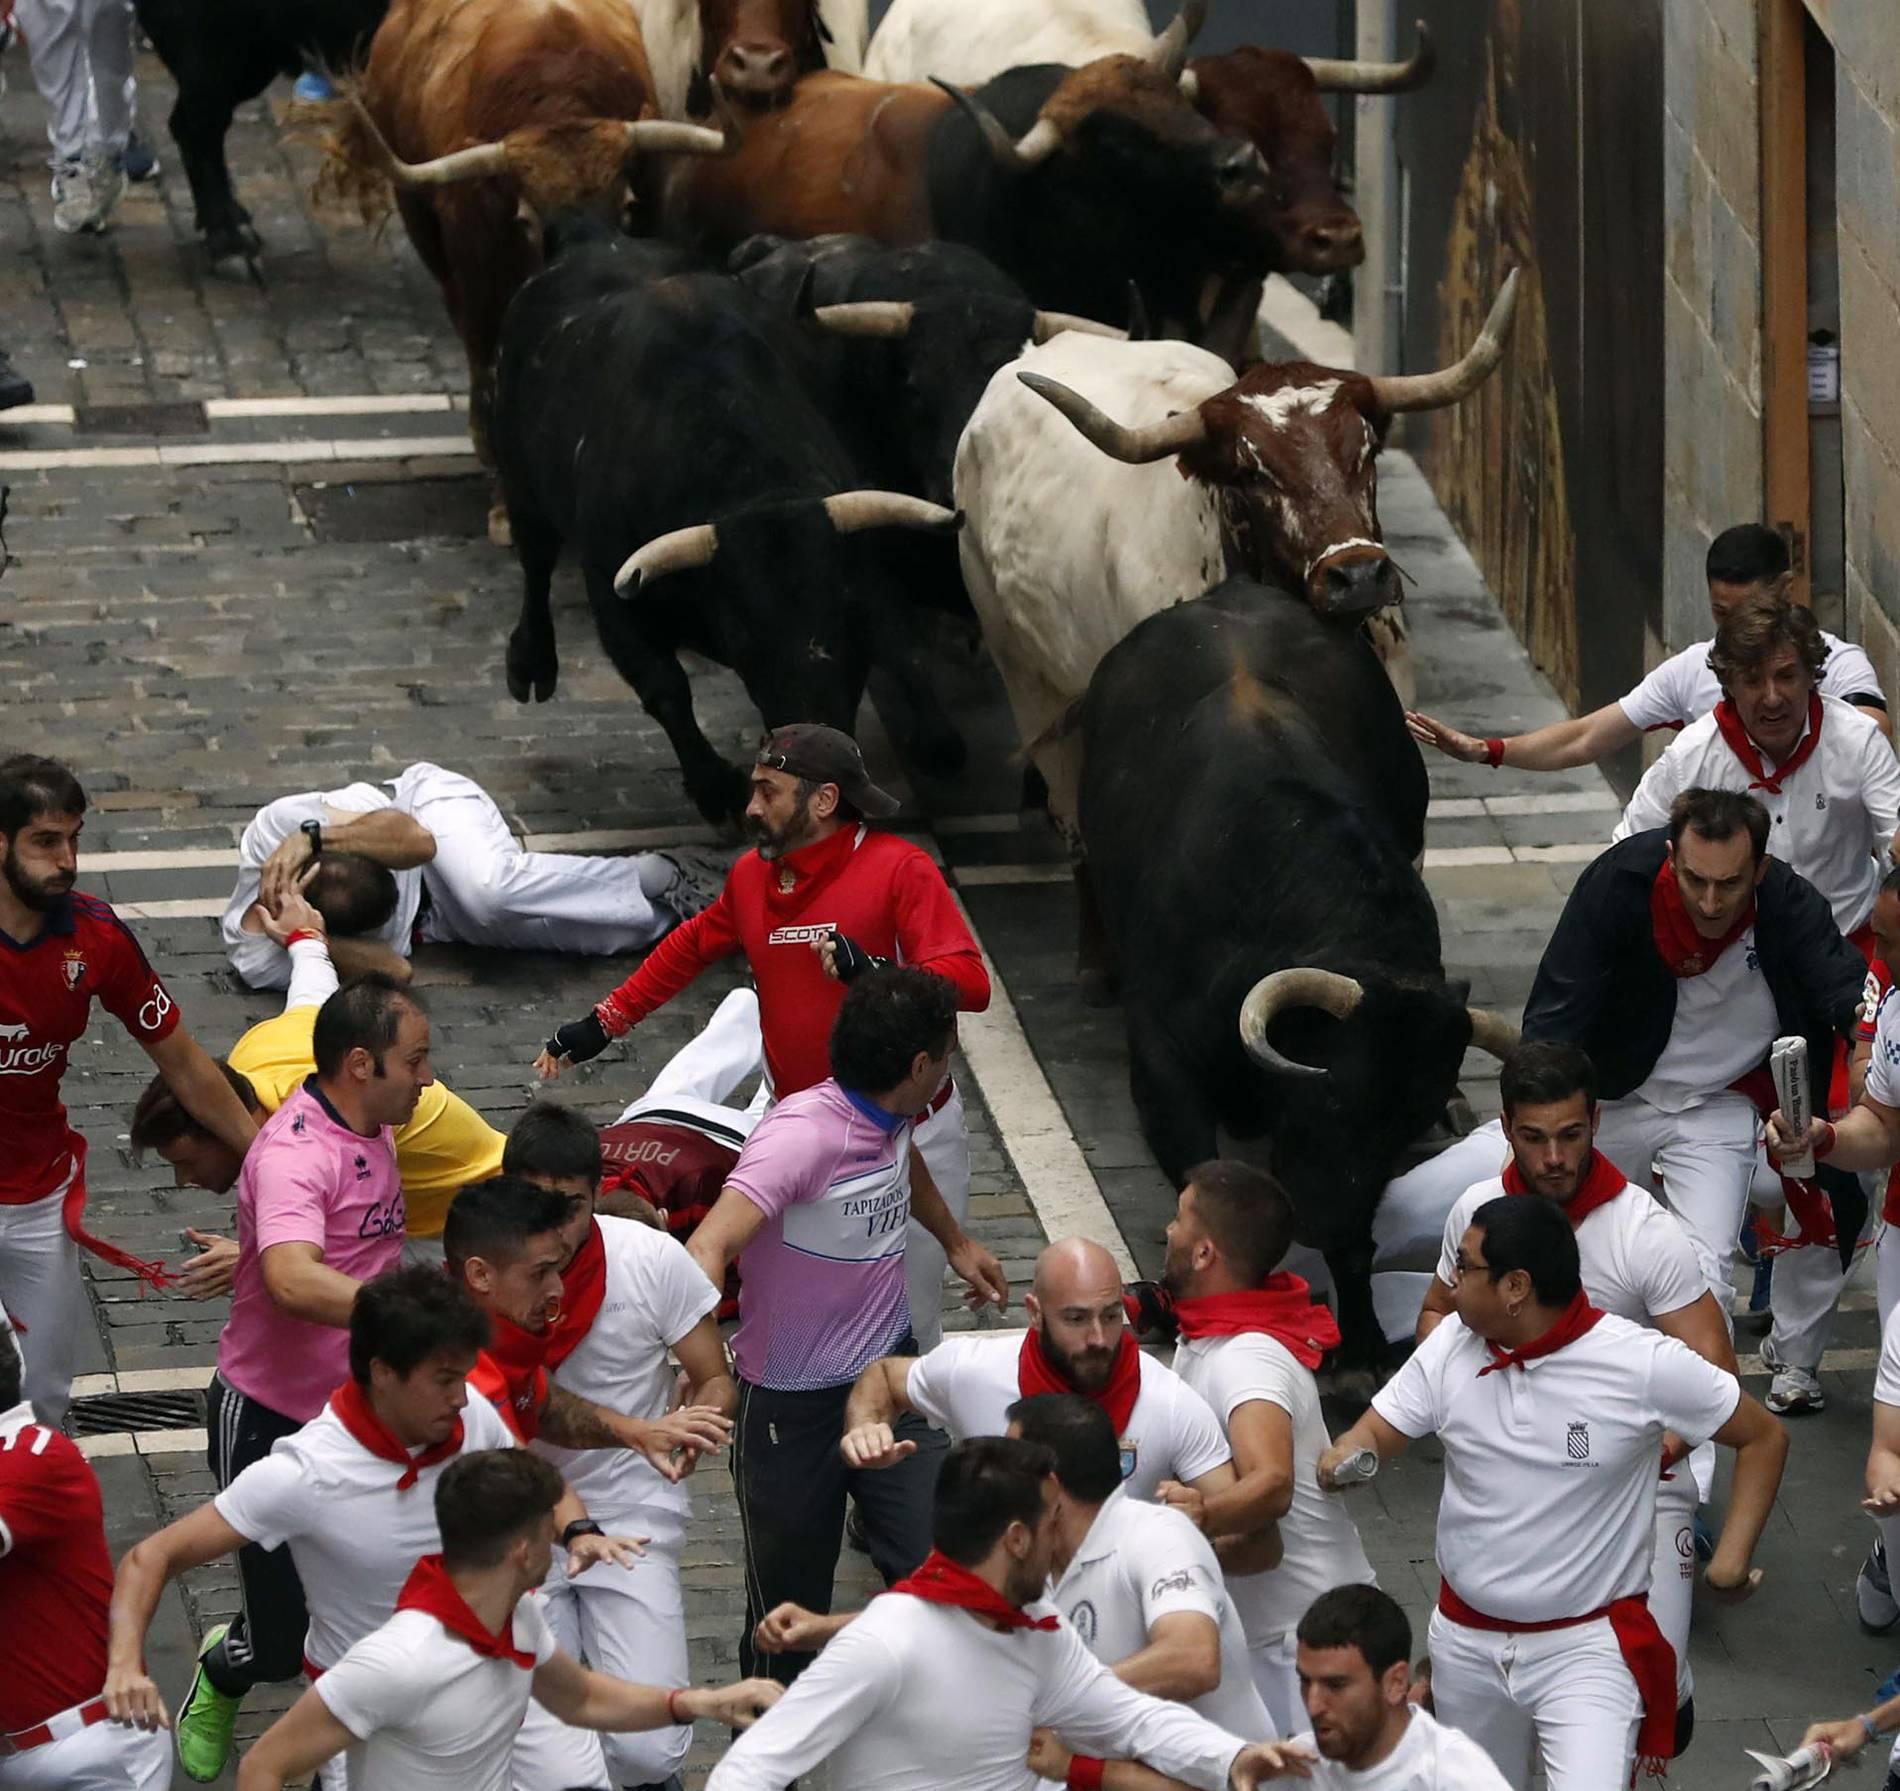 Imágenes del susto de la Estafeta (1/14) - Secuencia de imágenes del susto en la calle Estafeta. - San Fermín -